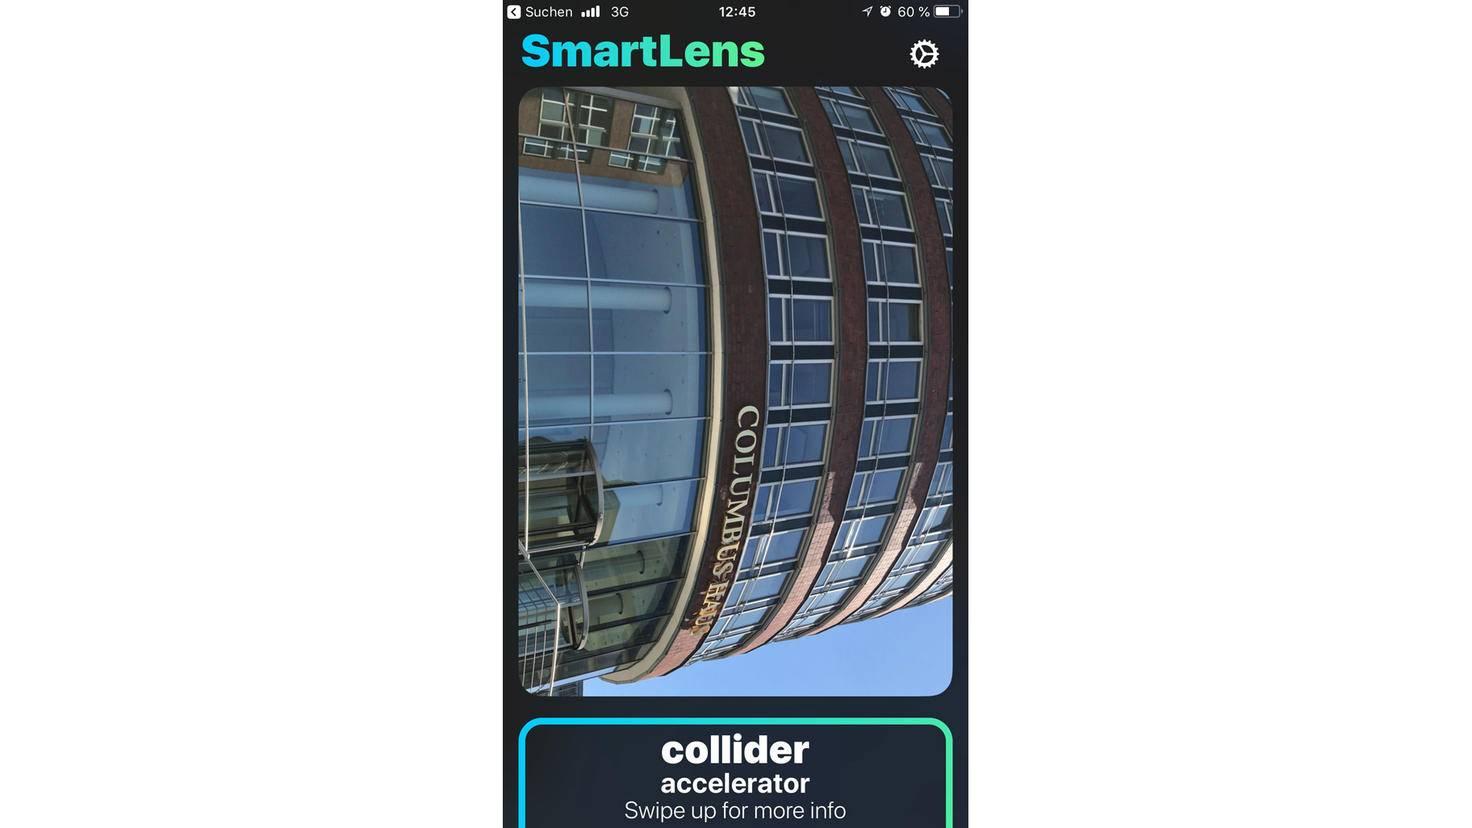 ...versagte aber etwa beim Columbus Haus, das von Google Lens wiederum erkannt wurde.